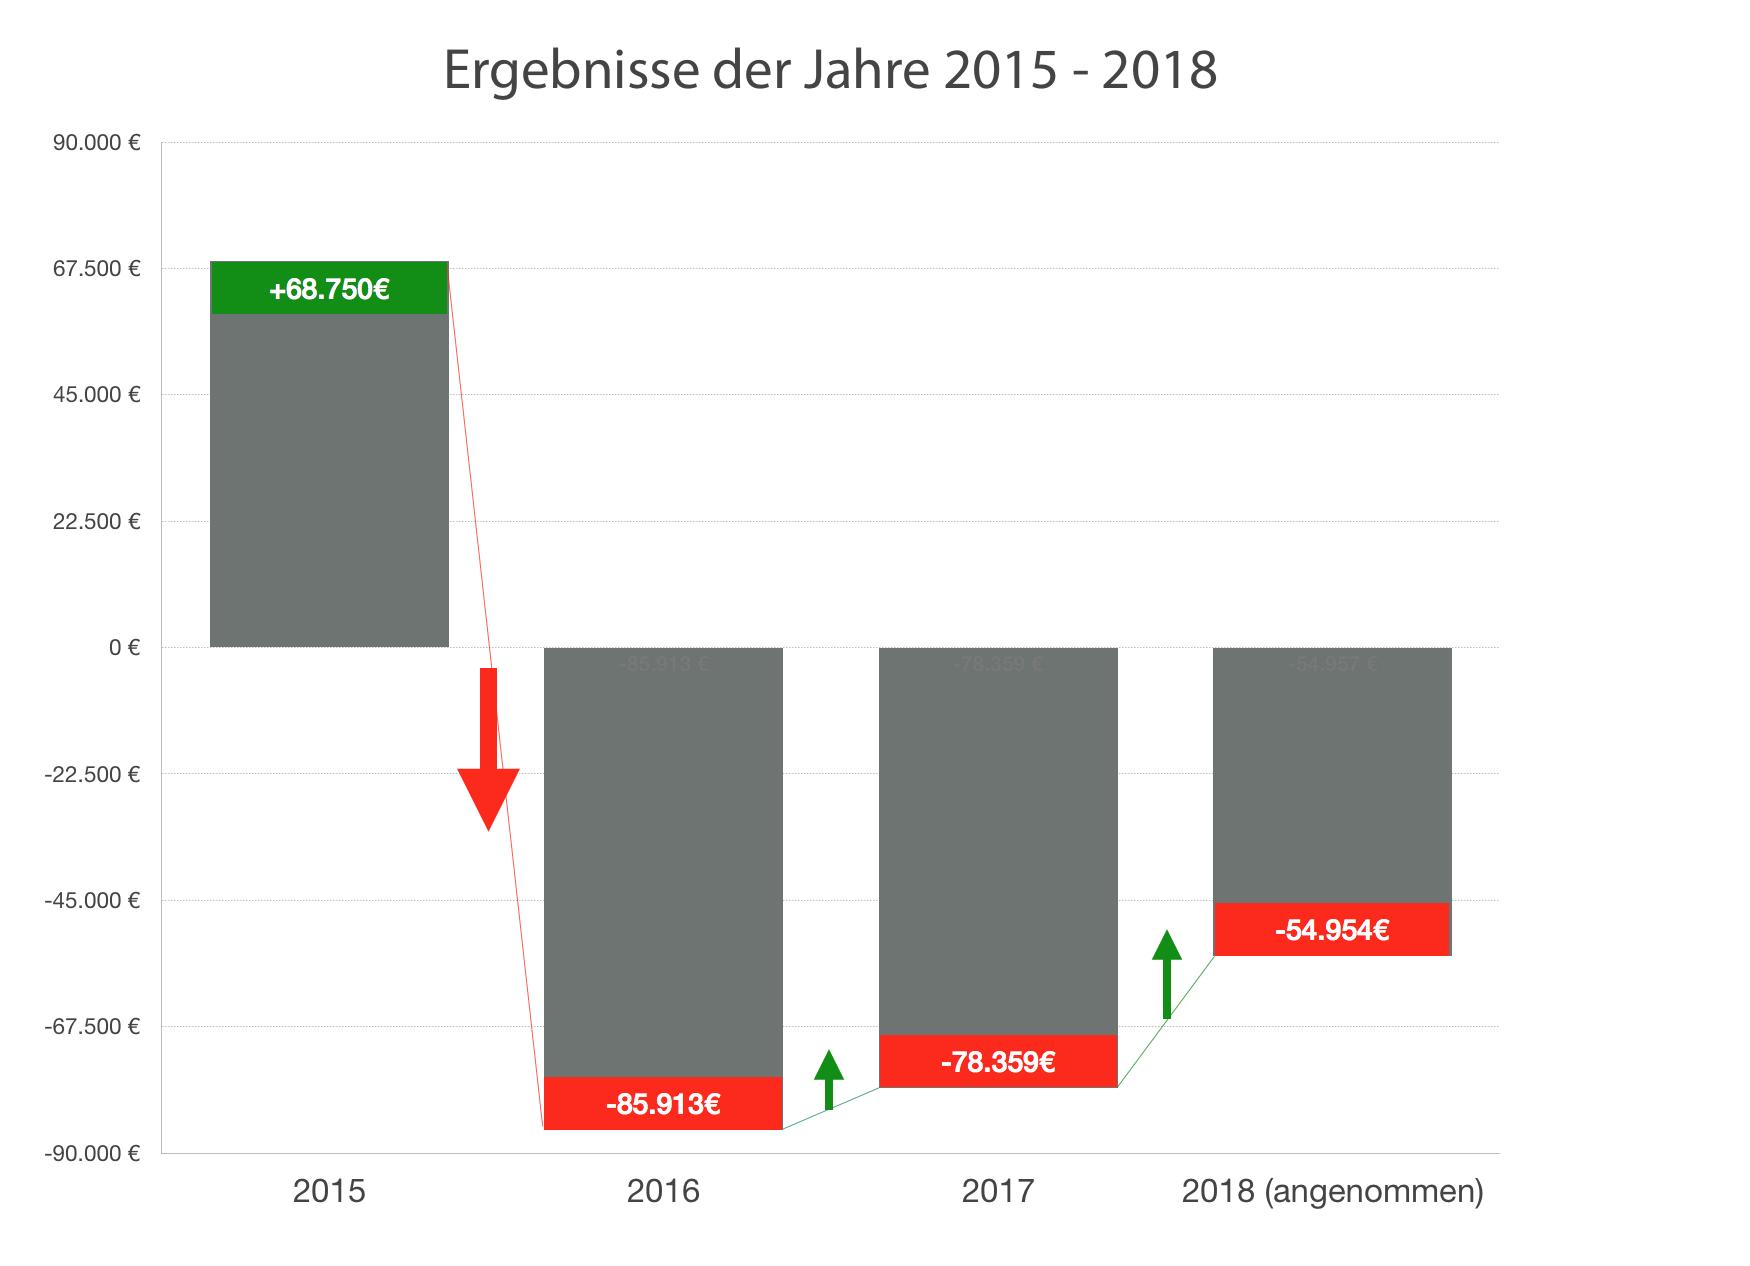 Rigpa e.V. Ergebnisse 2015-2018